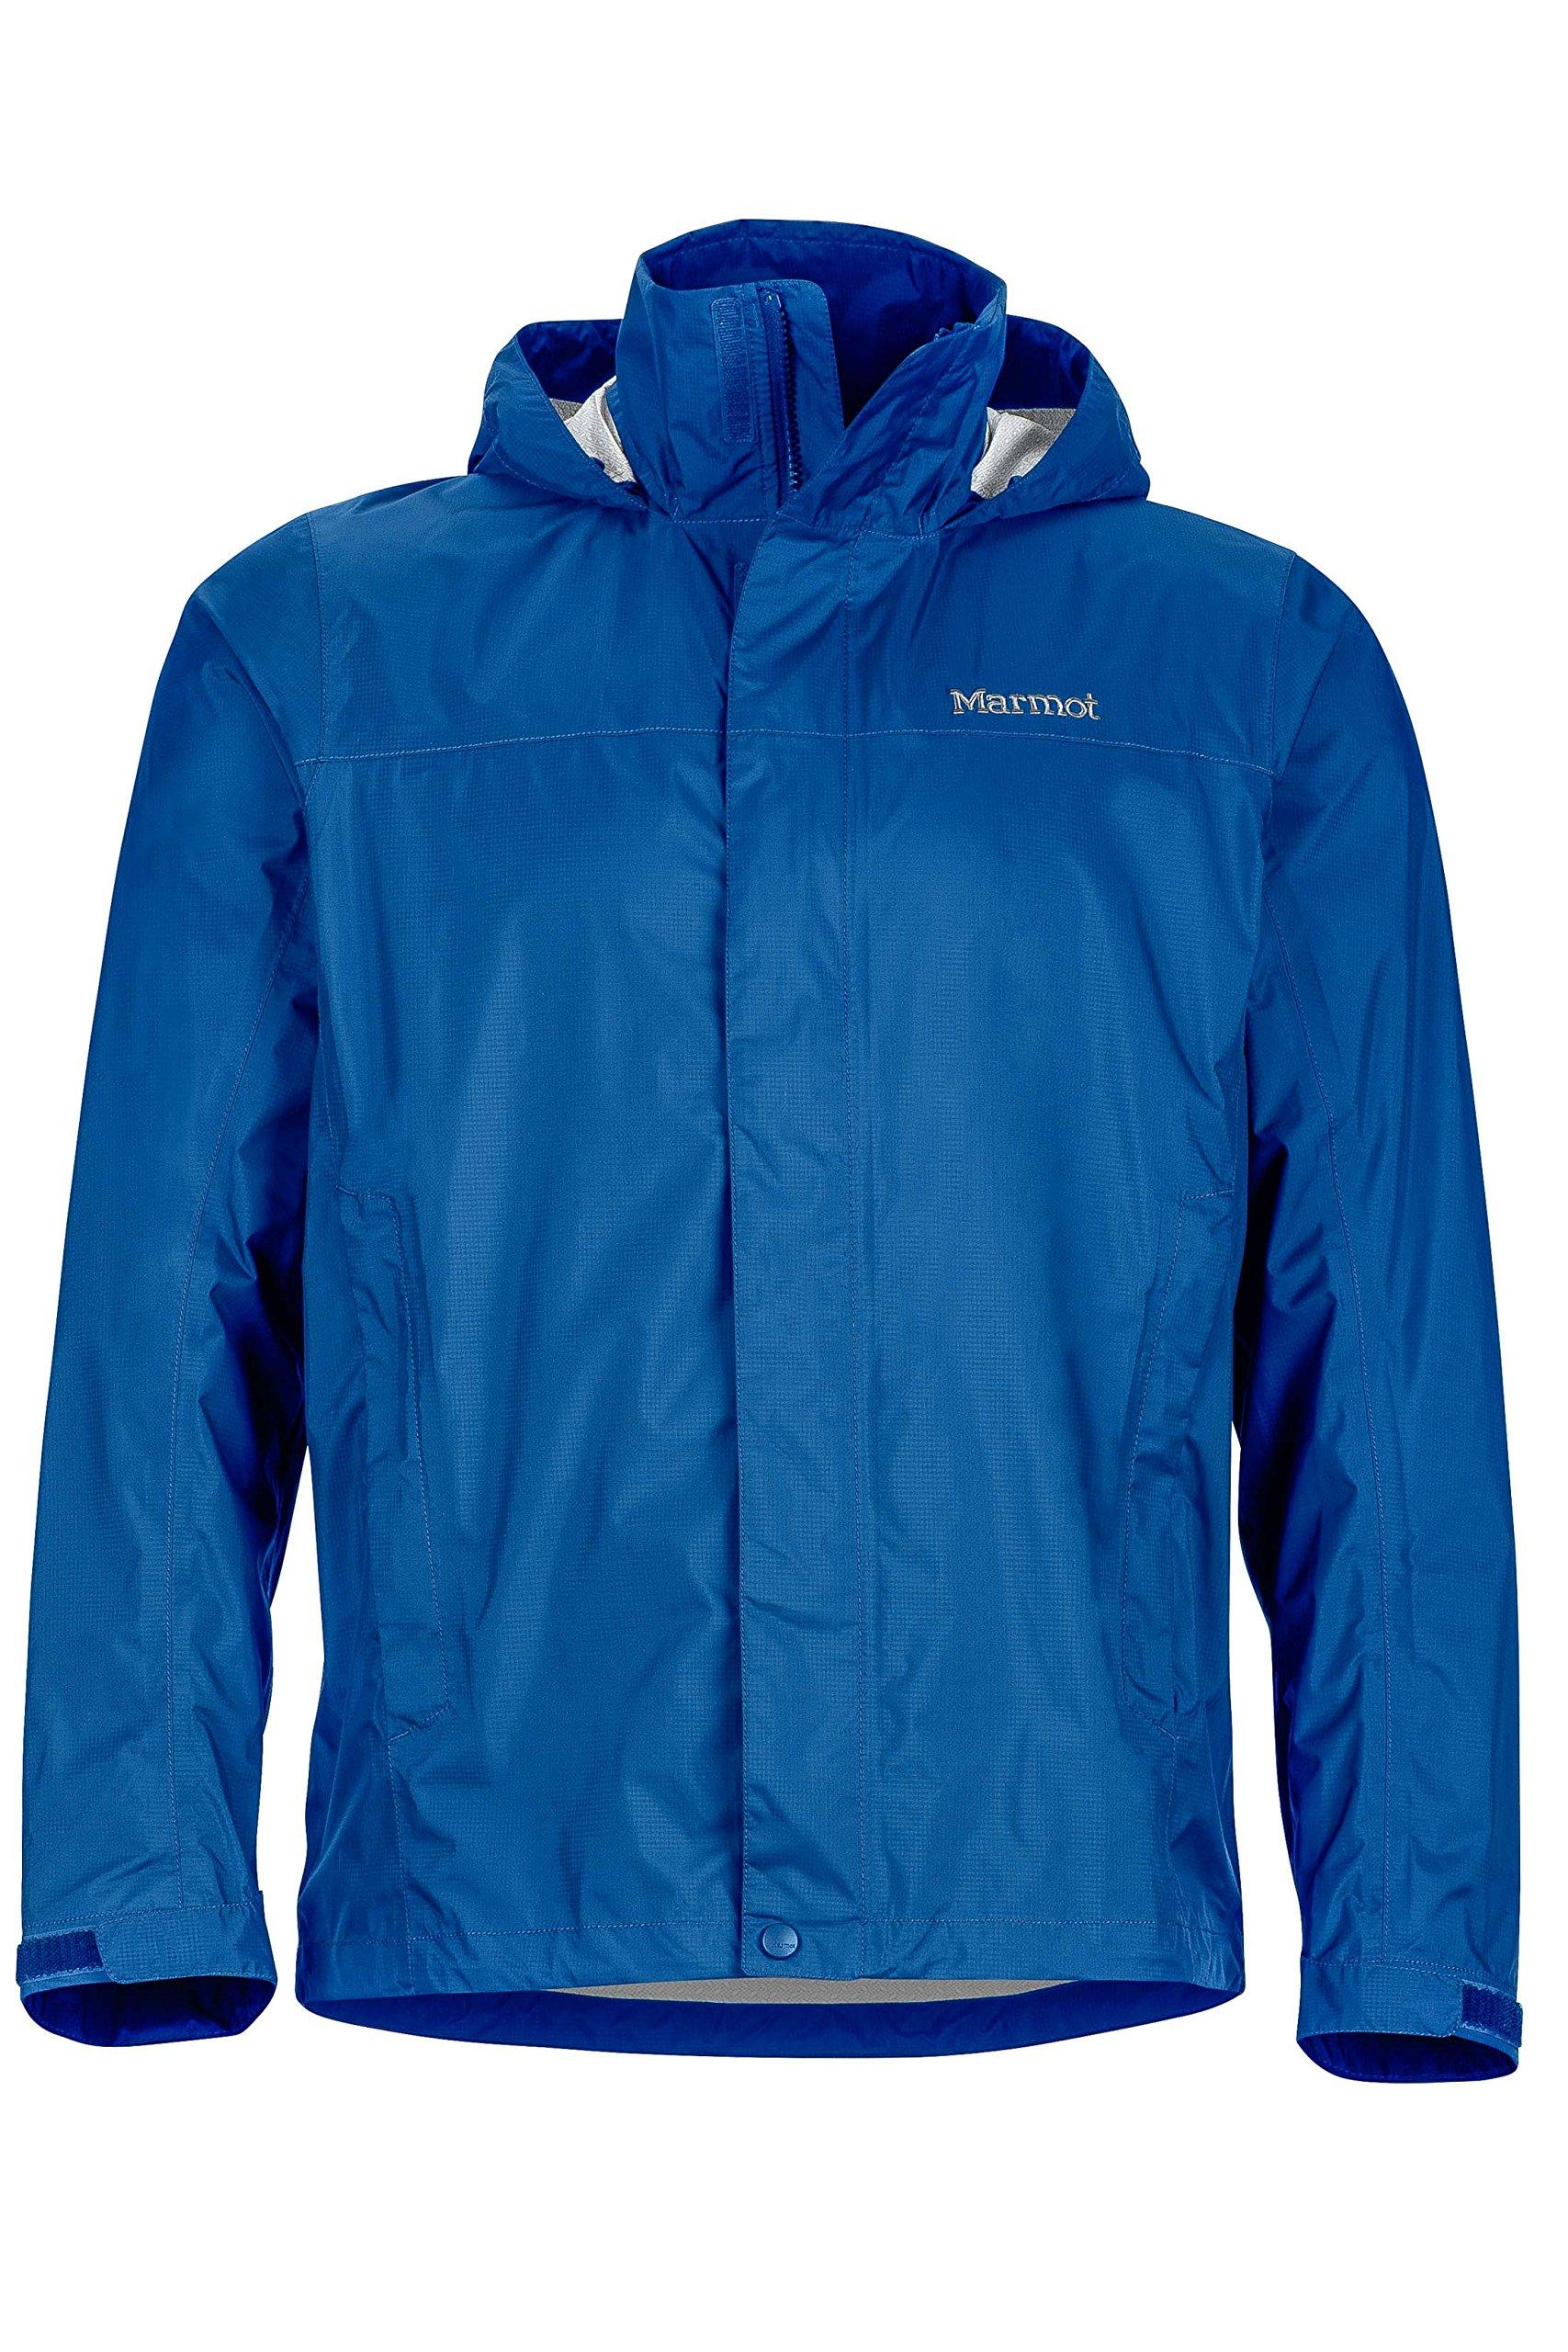 Marmot Men's PreCip Lightweight Waterproof Rain Jacket, Blue Sapphire, S by Marmot